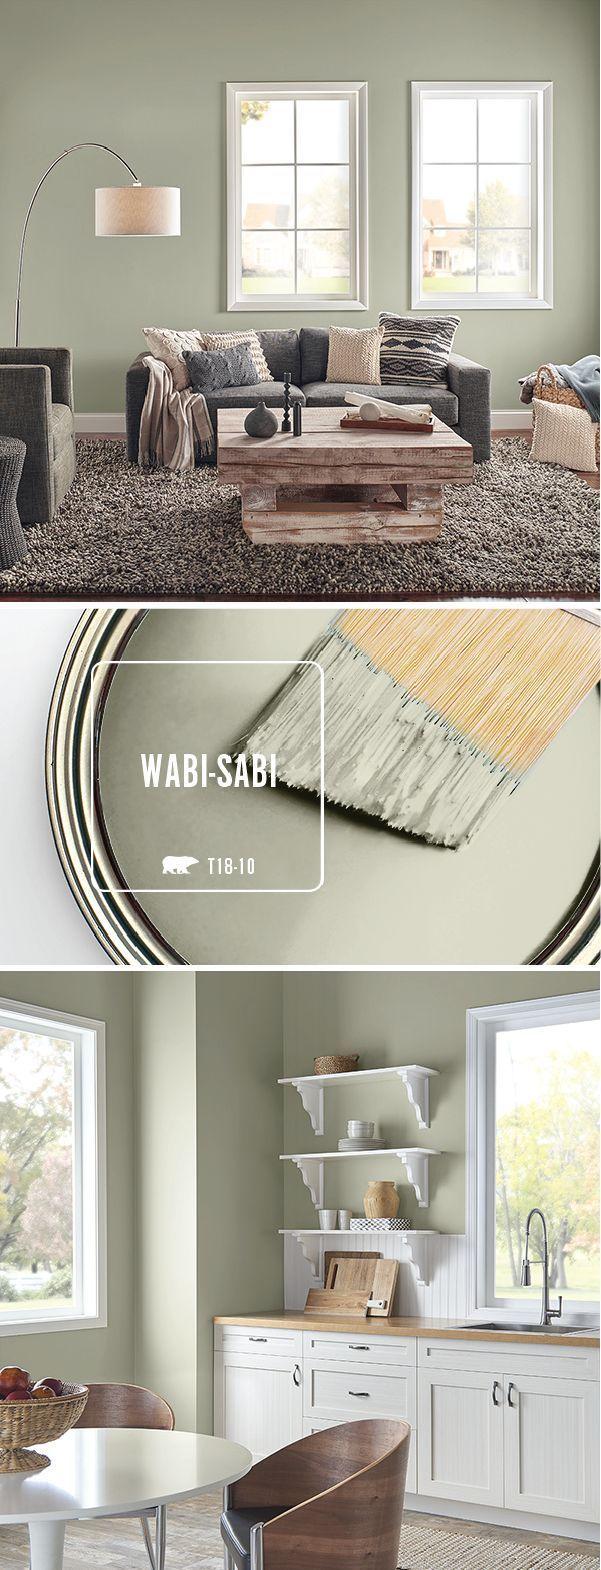 Verwenden Sie in jedem Raum Ihres Zuhauses einen frischen Anstrich mit BEHR-Farbe in Wabi-Sabi. Wenn pai #paintinglivingrooms